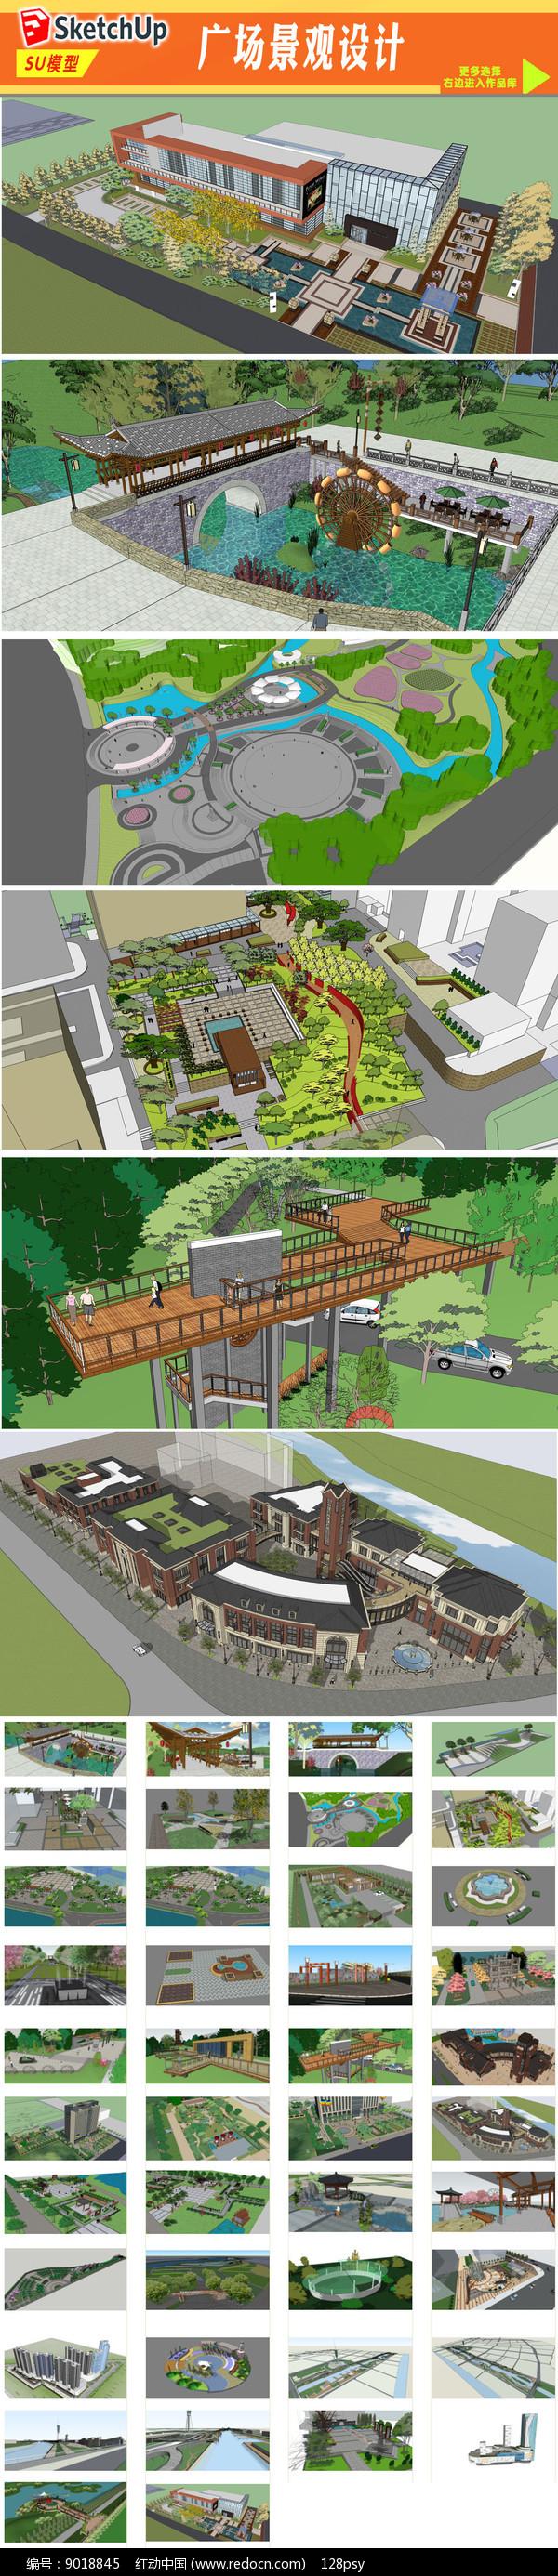 园林广场绿化规划设计图片